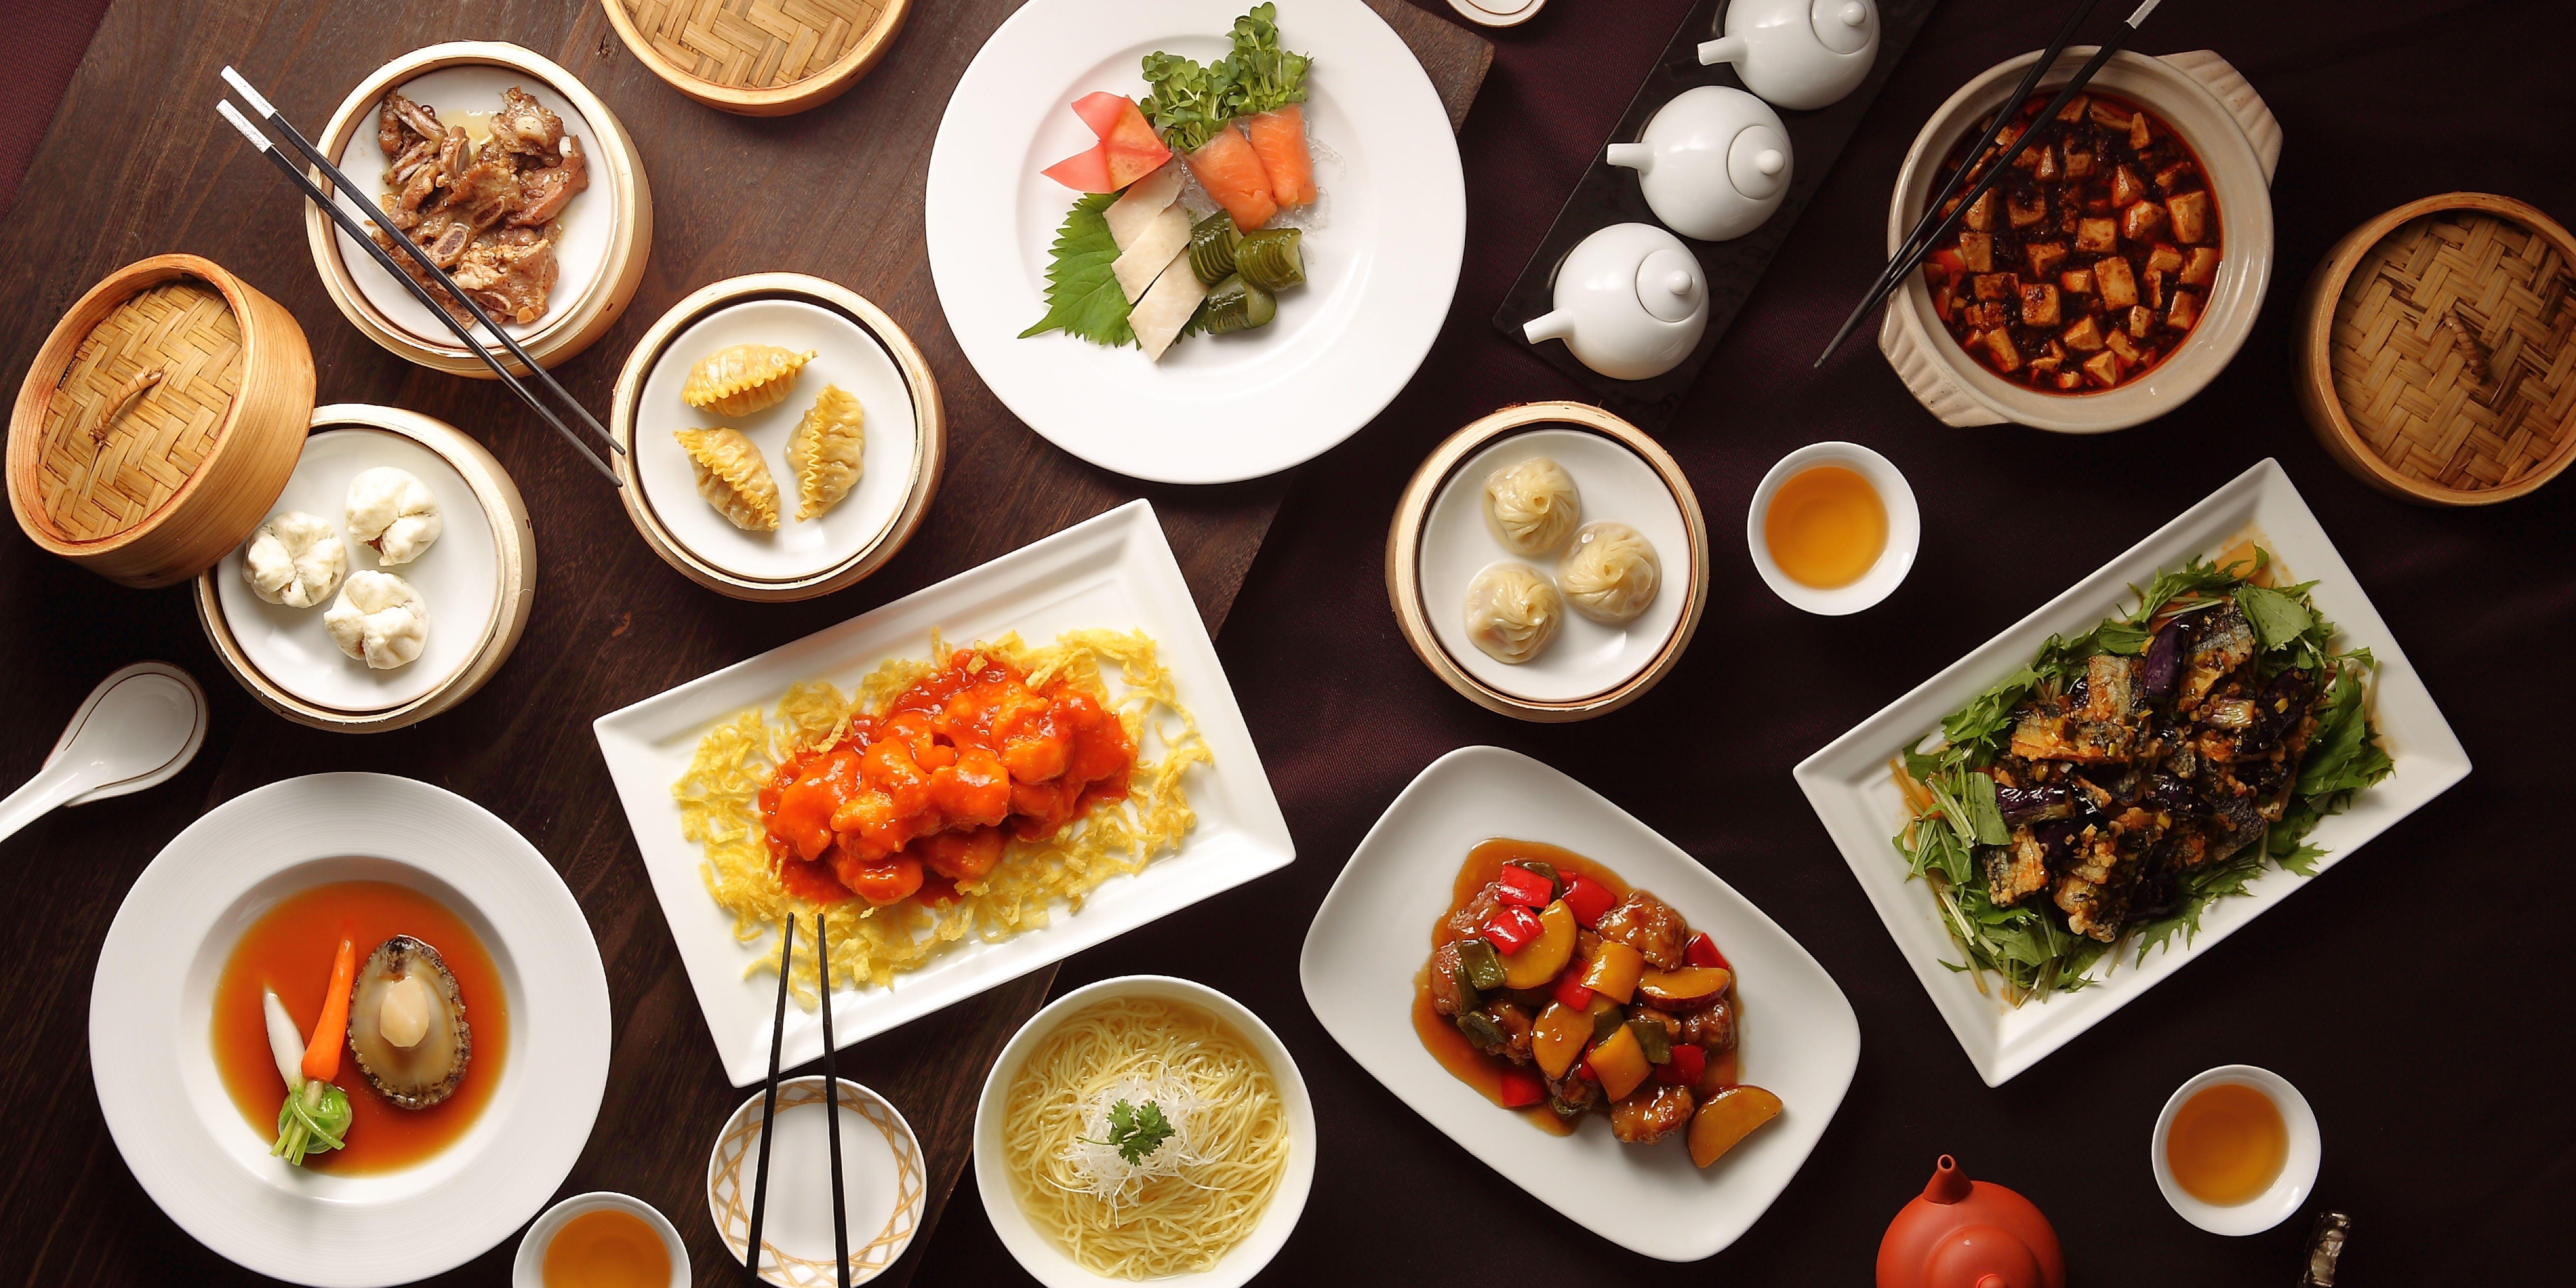 記念日におすすめのレストラン・桃花春/神戸メリケンパークオリエンタルホテルの写真2